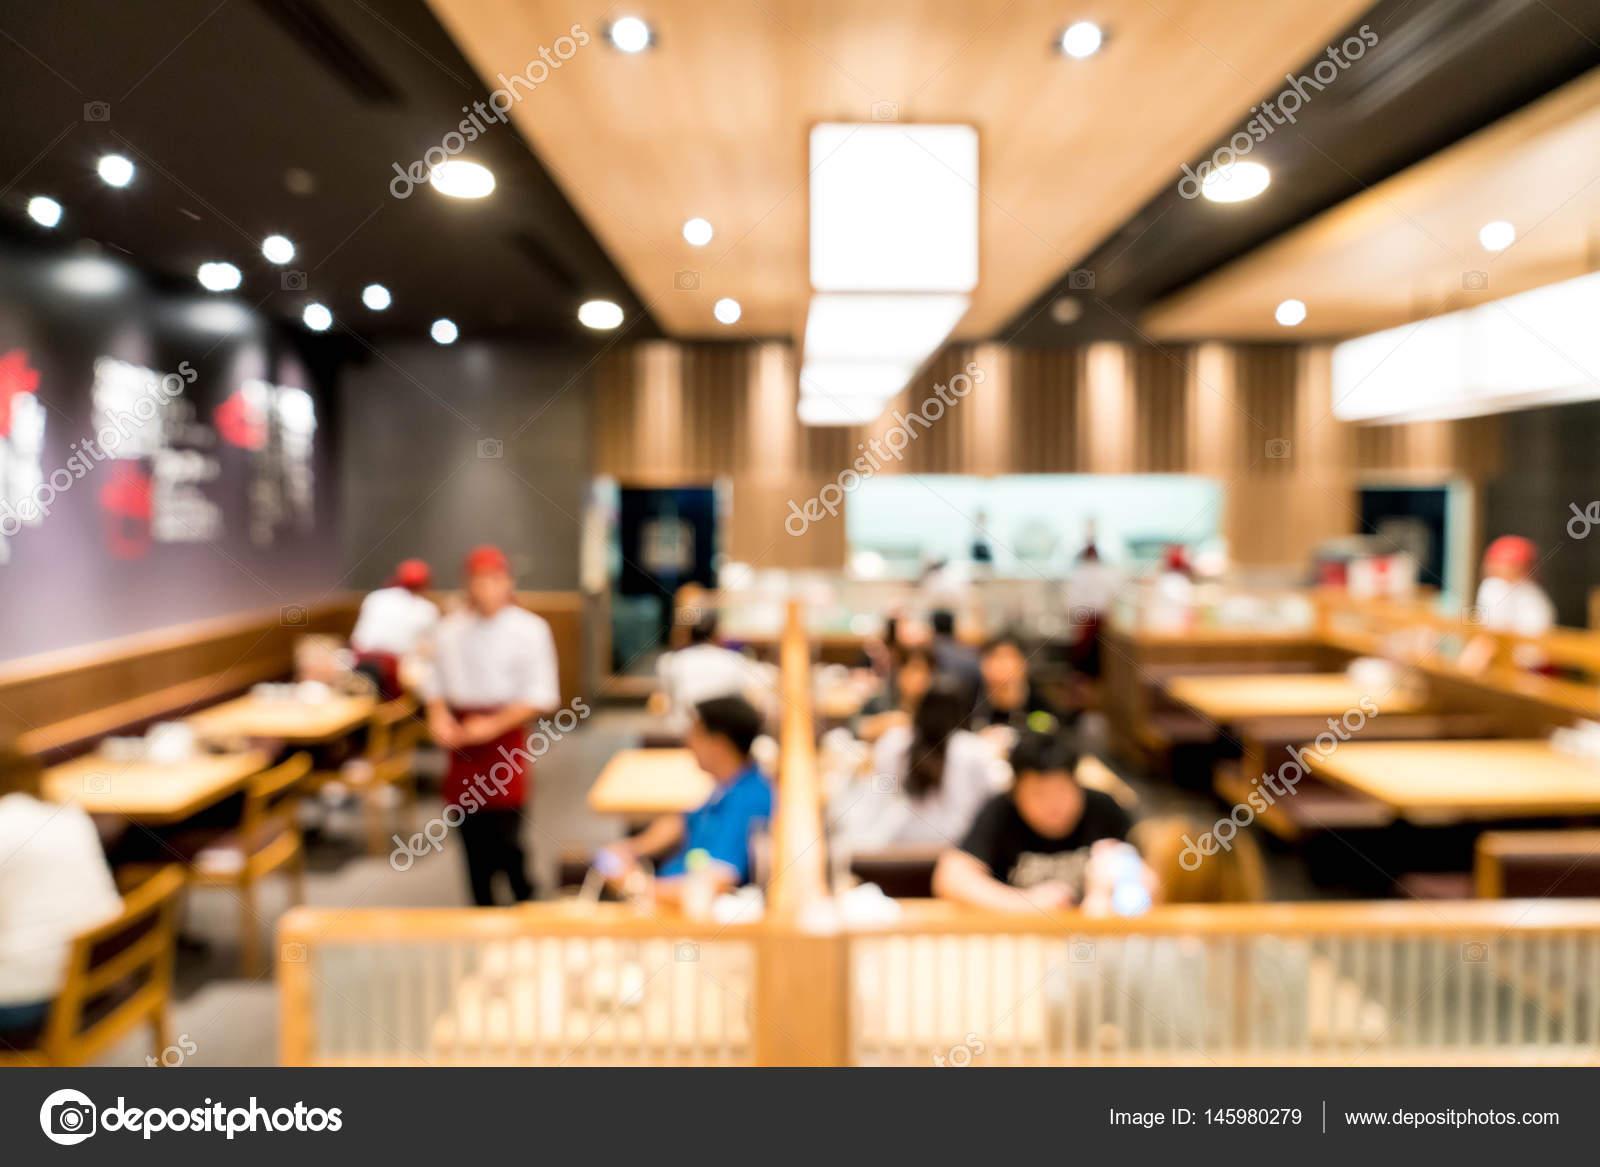 Resumen blur en restaurante — Foto de stock © topntp #145980279